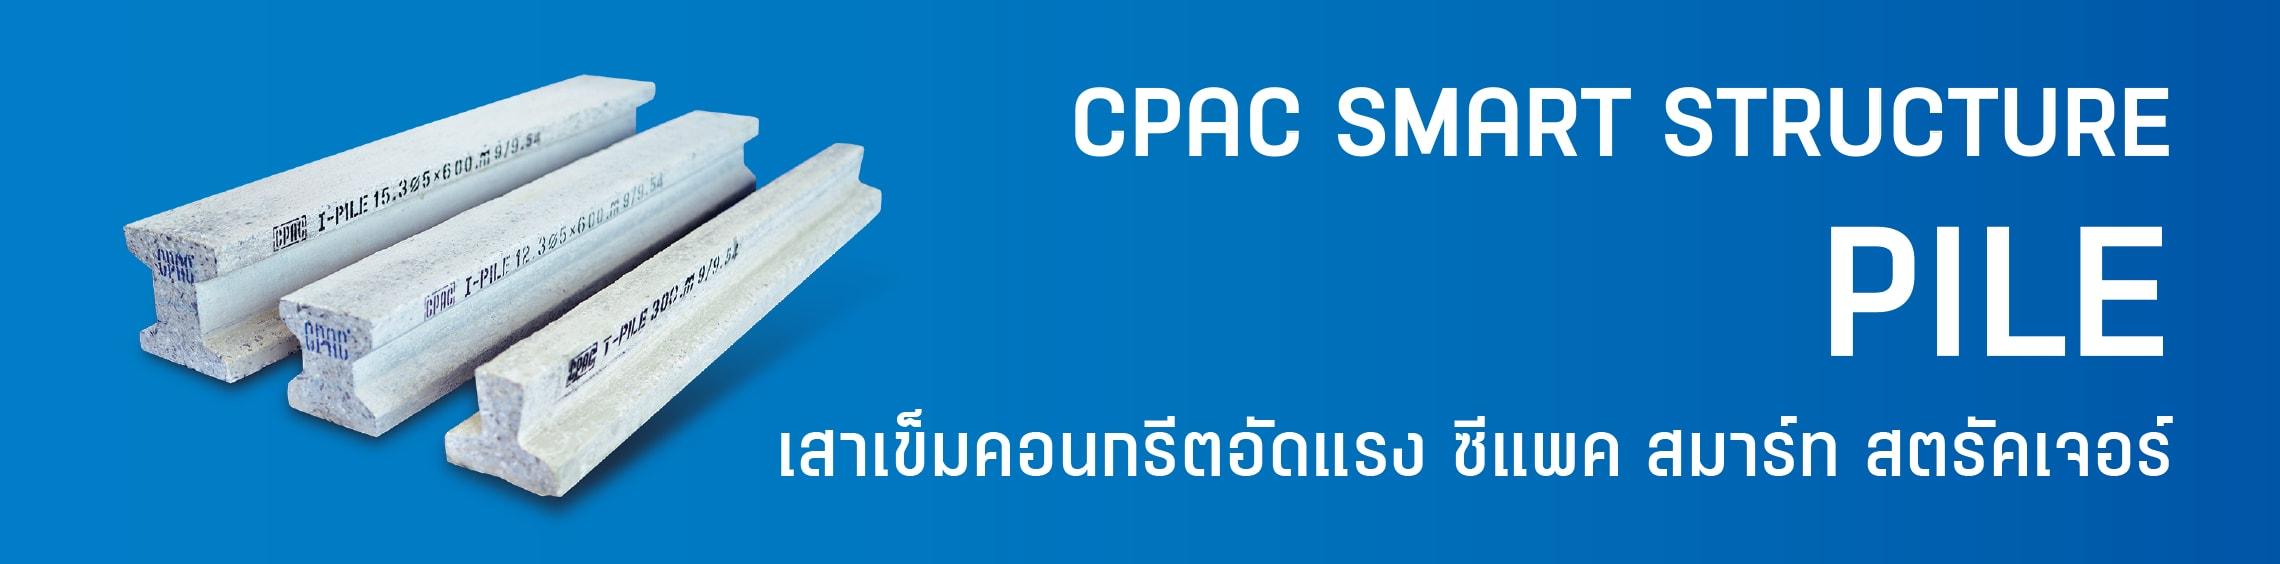 เสาเข็มคอนกรีตอัดแรง-kpp-online